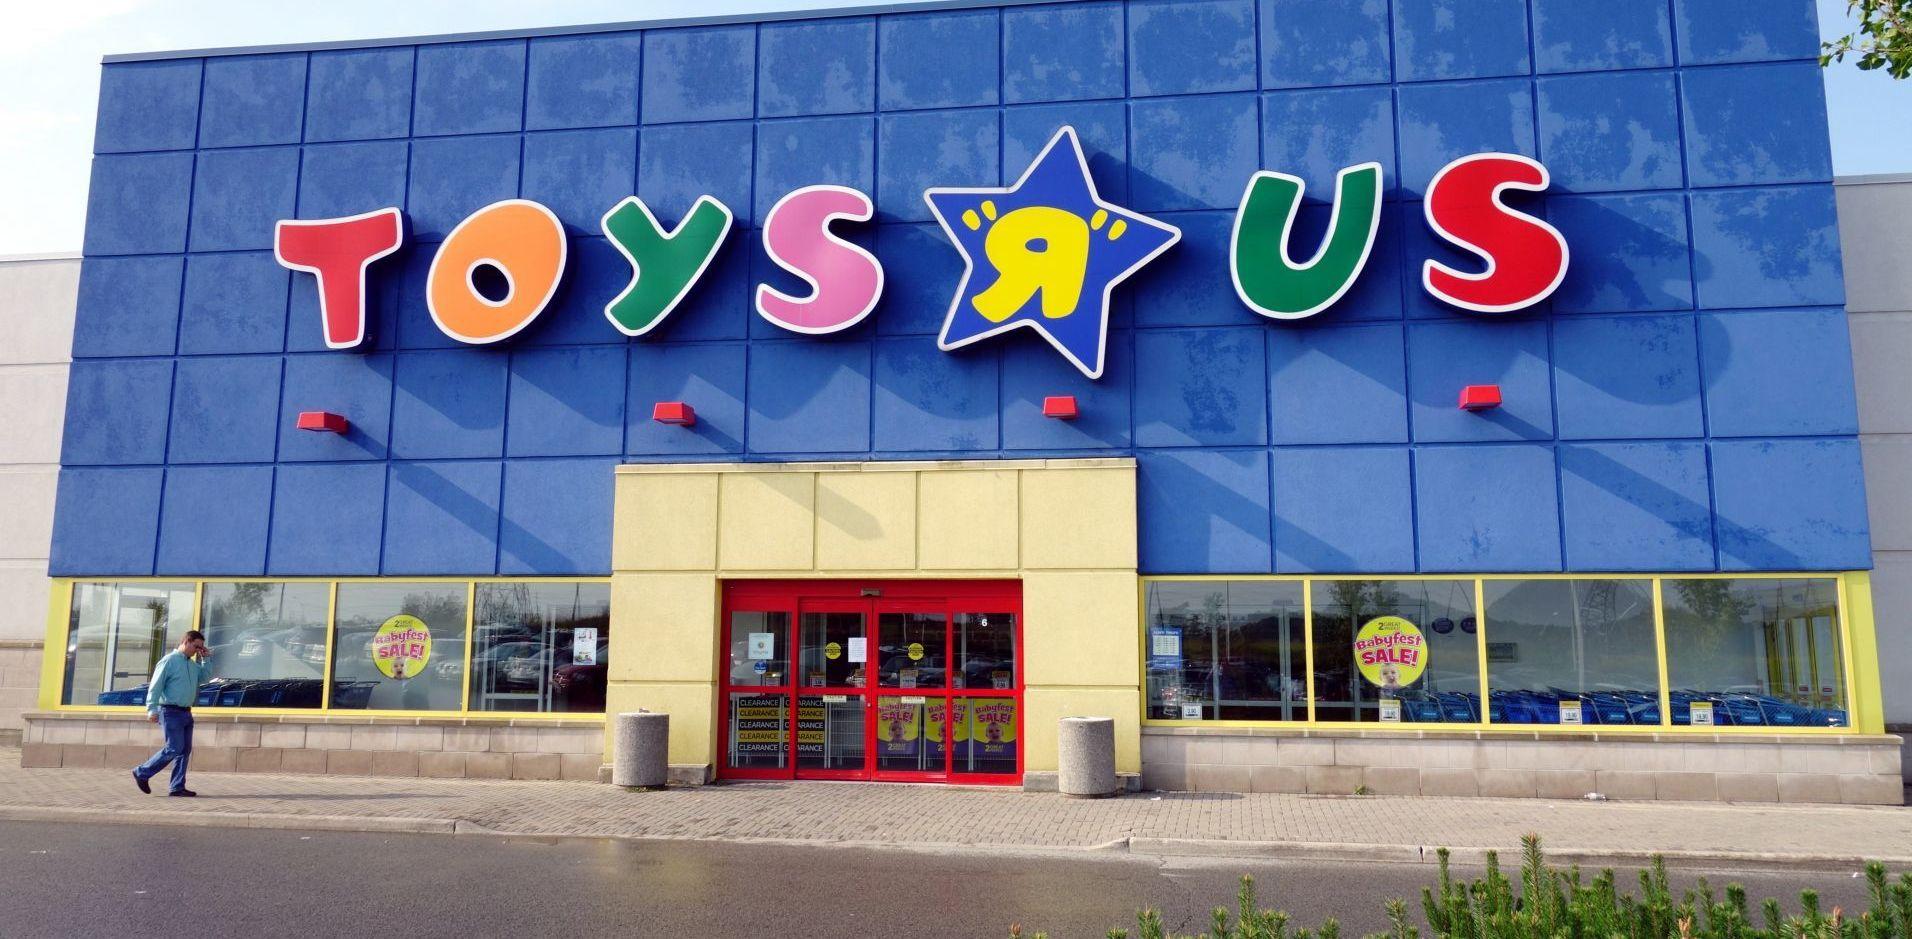 玩具反斗城結束全美營業!小朋友的天堂對傳統零售商再發警訊